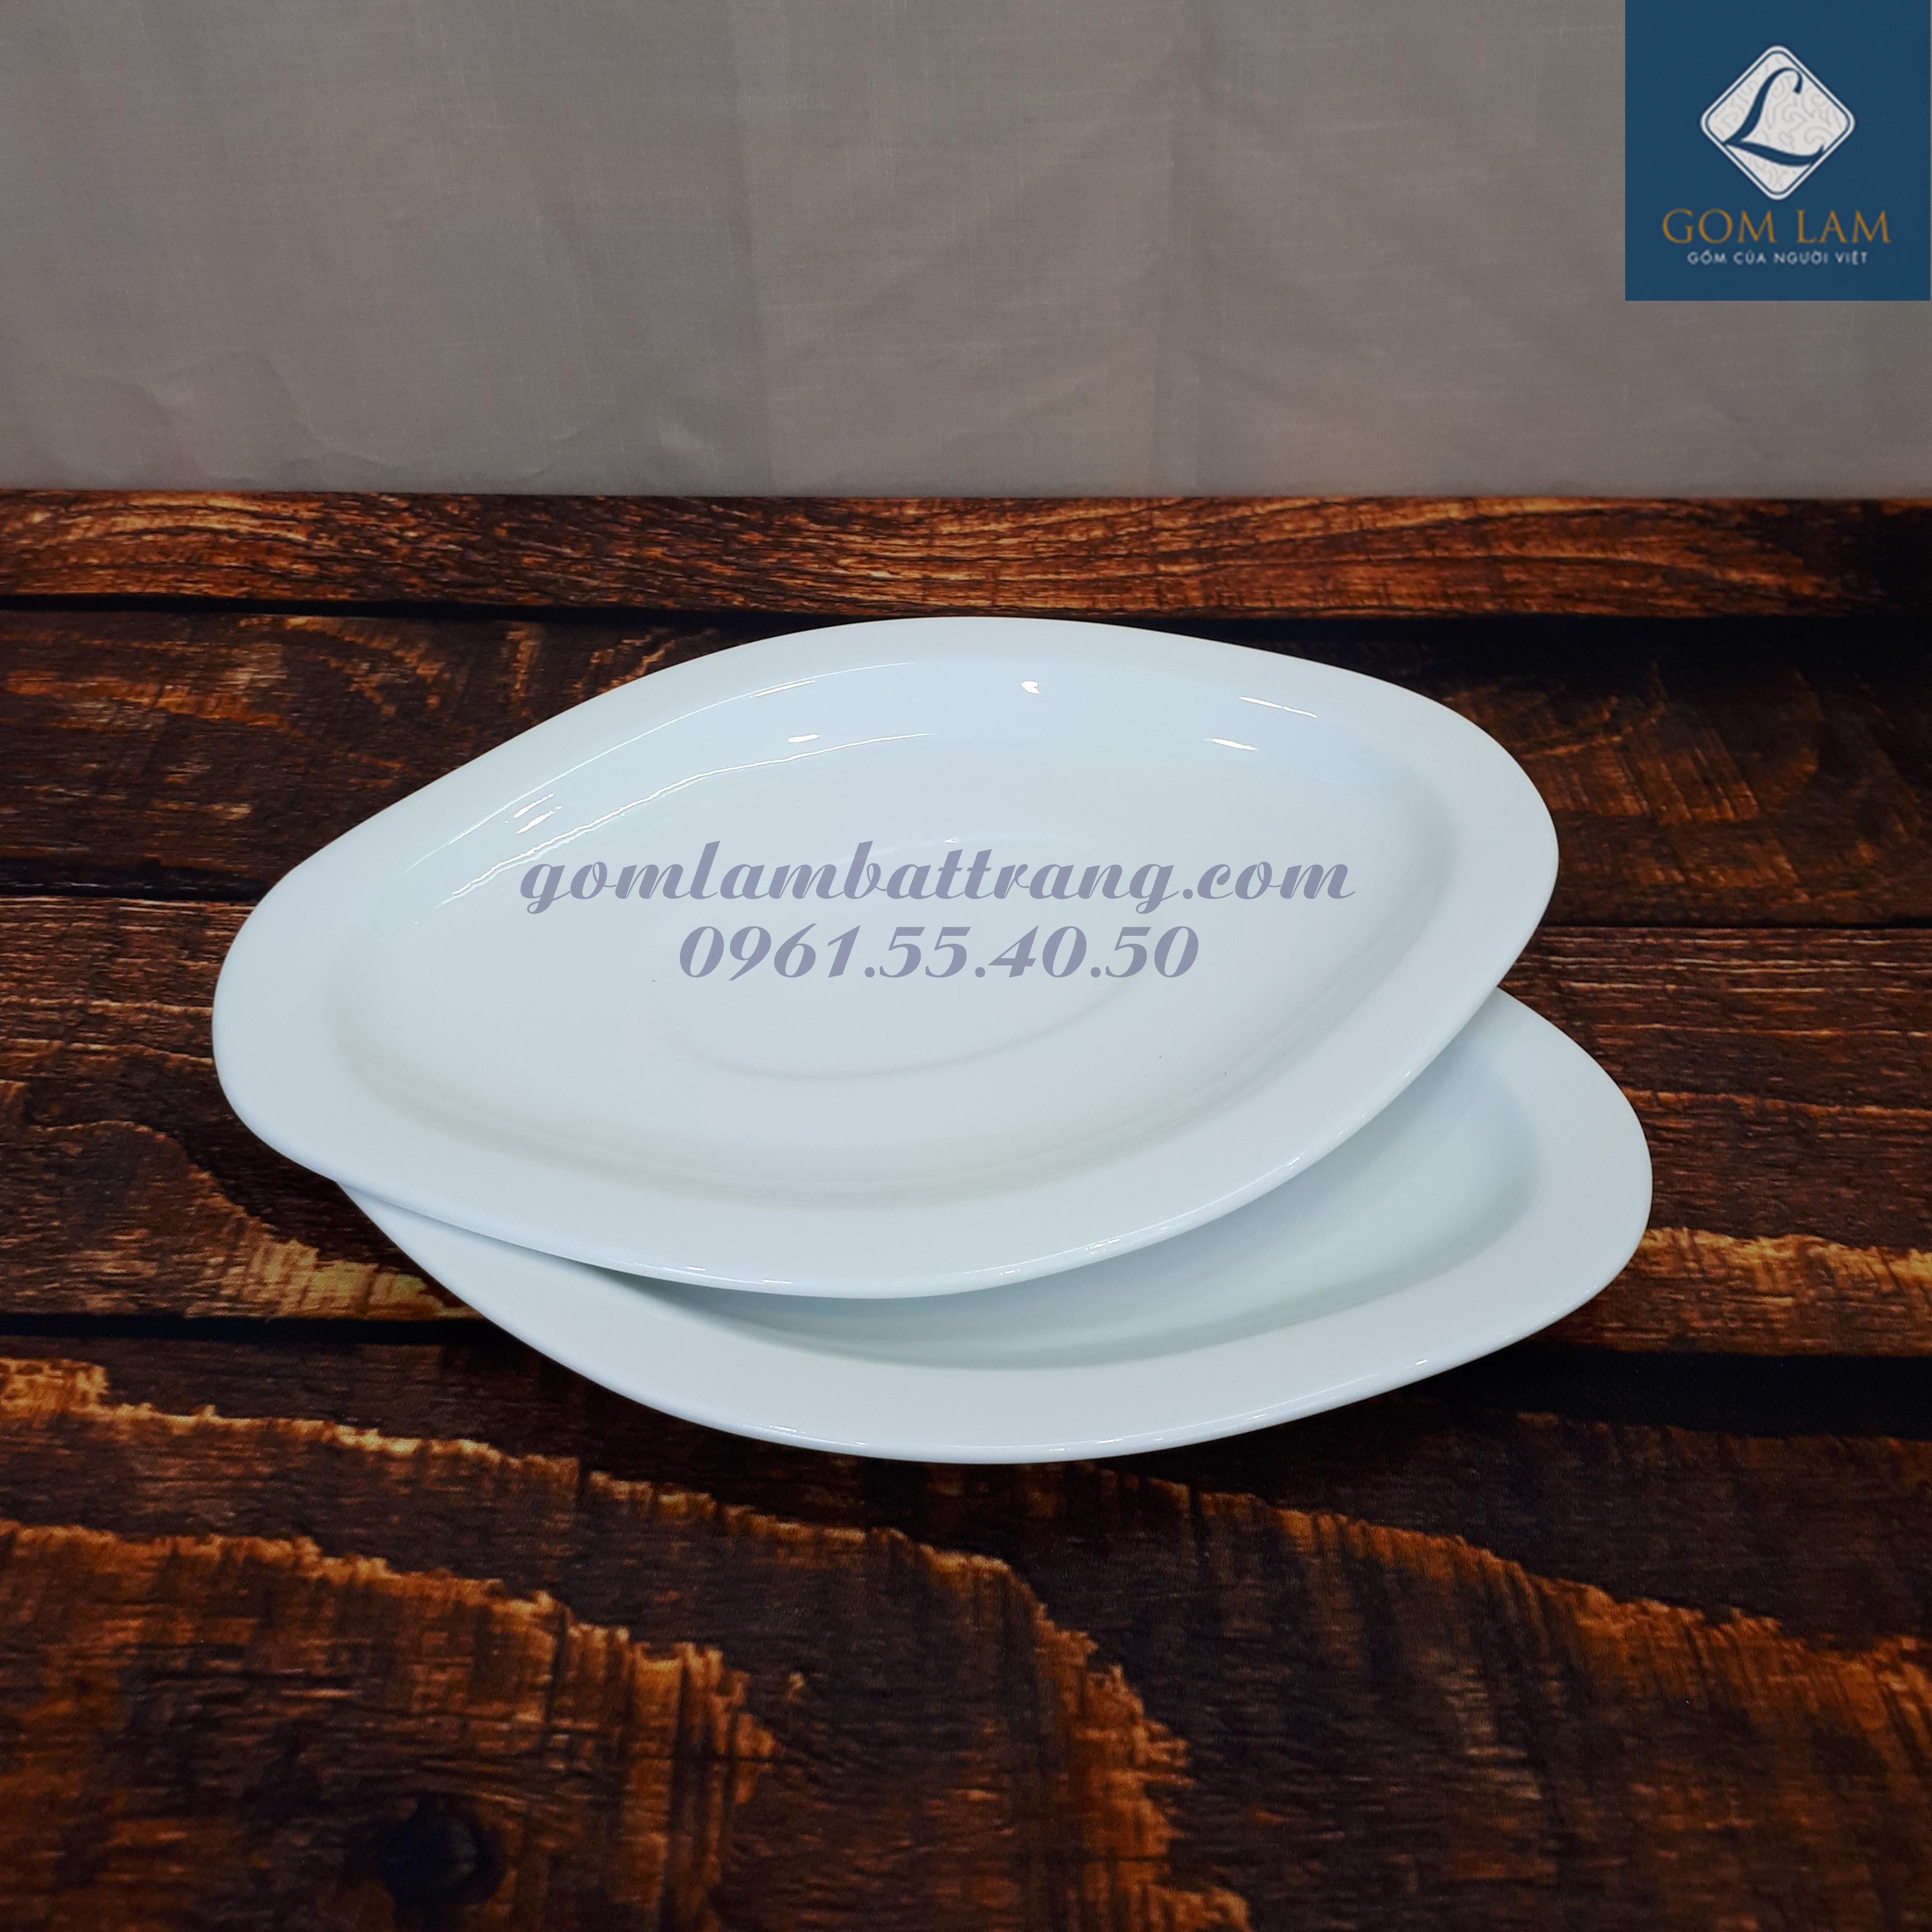 Bộ đồ ăn sứ trắng cao cấp đĩa hình thoi